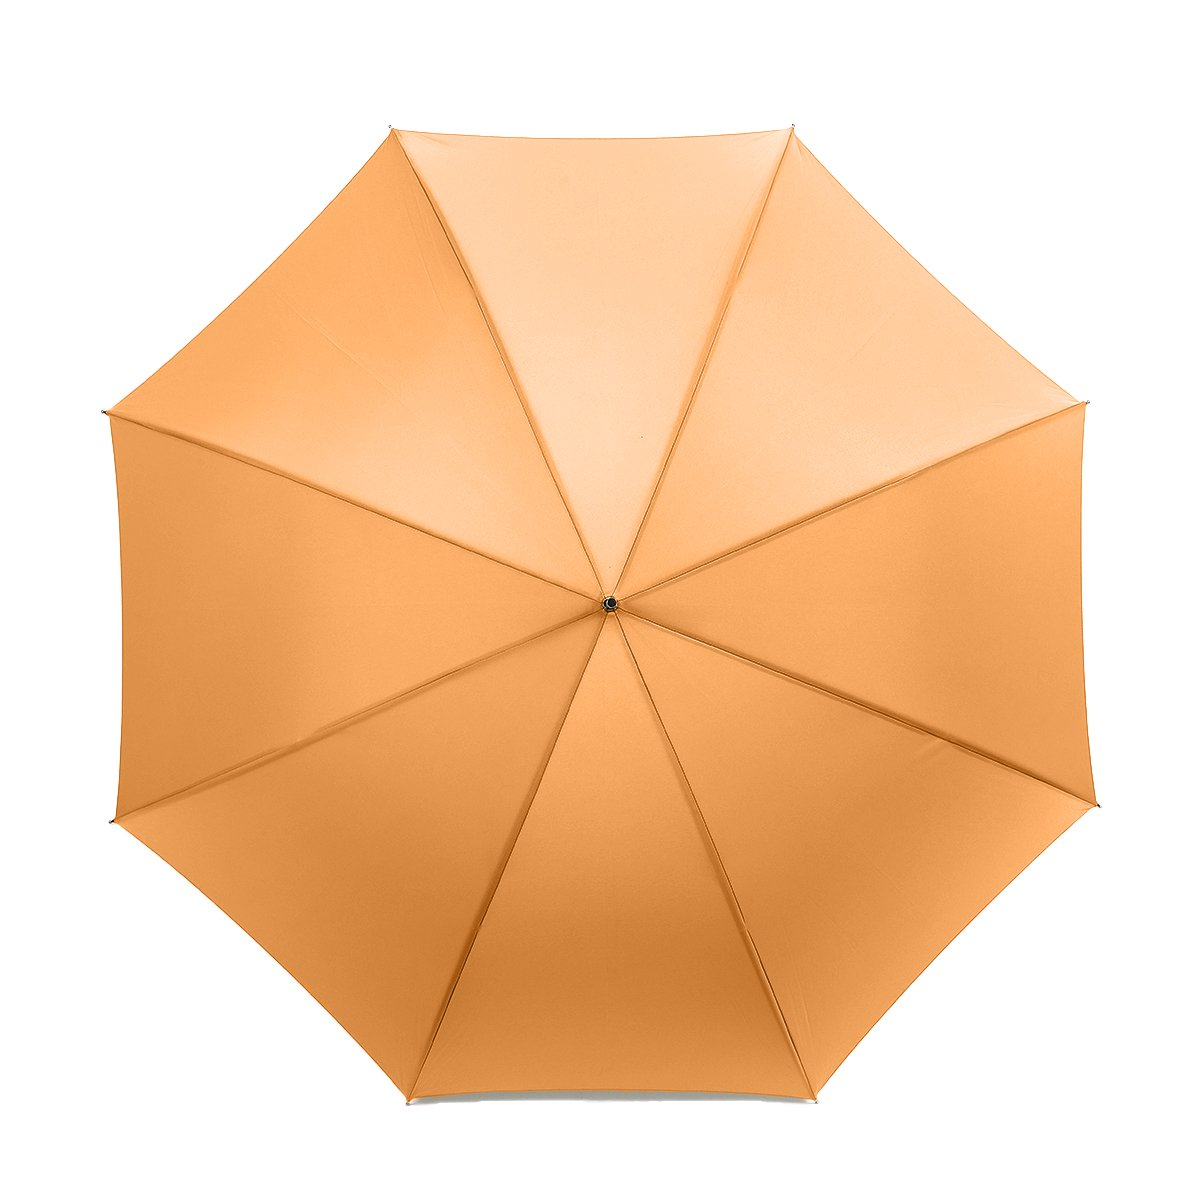 強力撥水 レインドロップ レディース レクタス バンブー 長傘(58cm) 詳細画像5